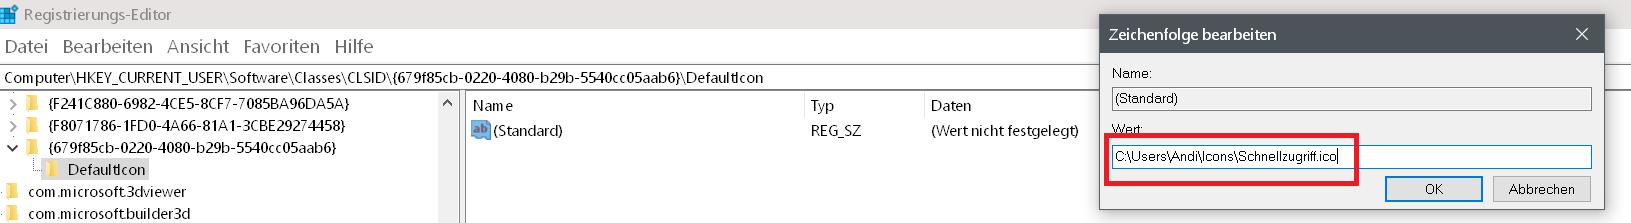 pfad zum bild - Windows 10 Icon Schnellzugriff ändern